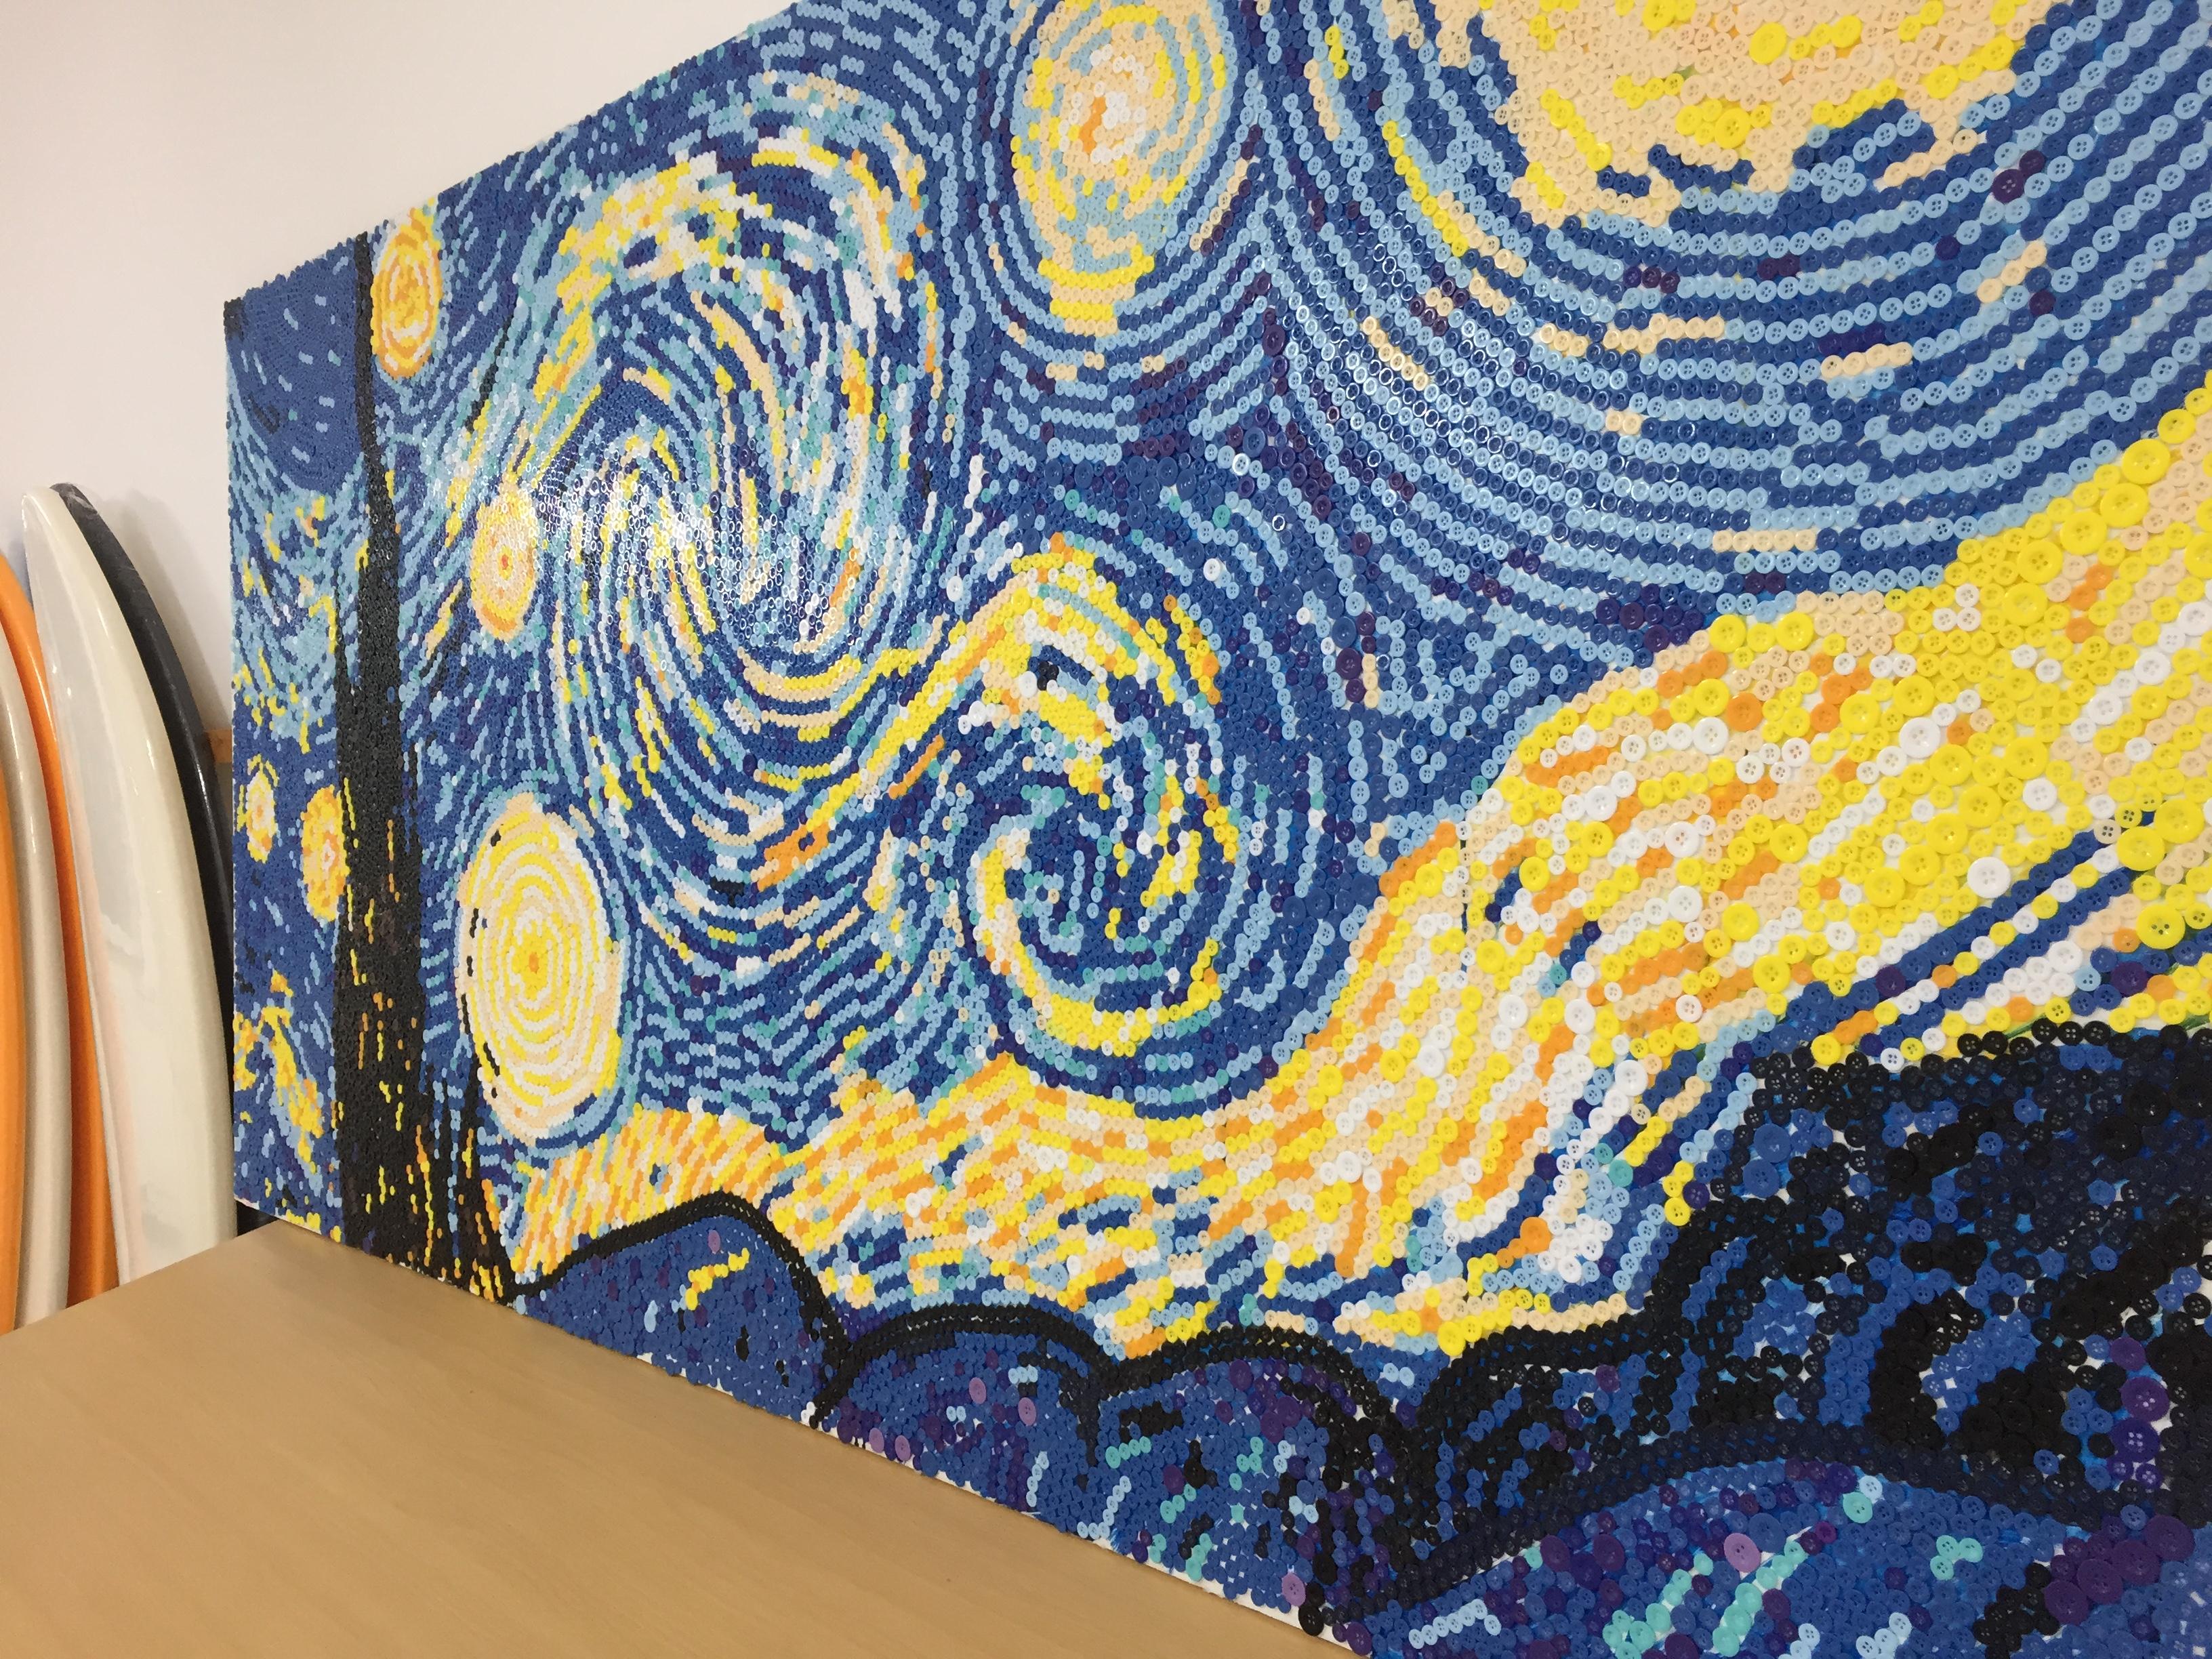 星月夜纽扣画作品|纯艺术|其他艺创|科恩1984 - 原创图片